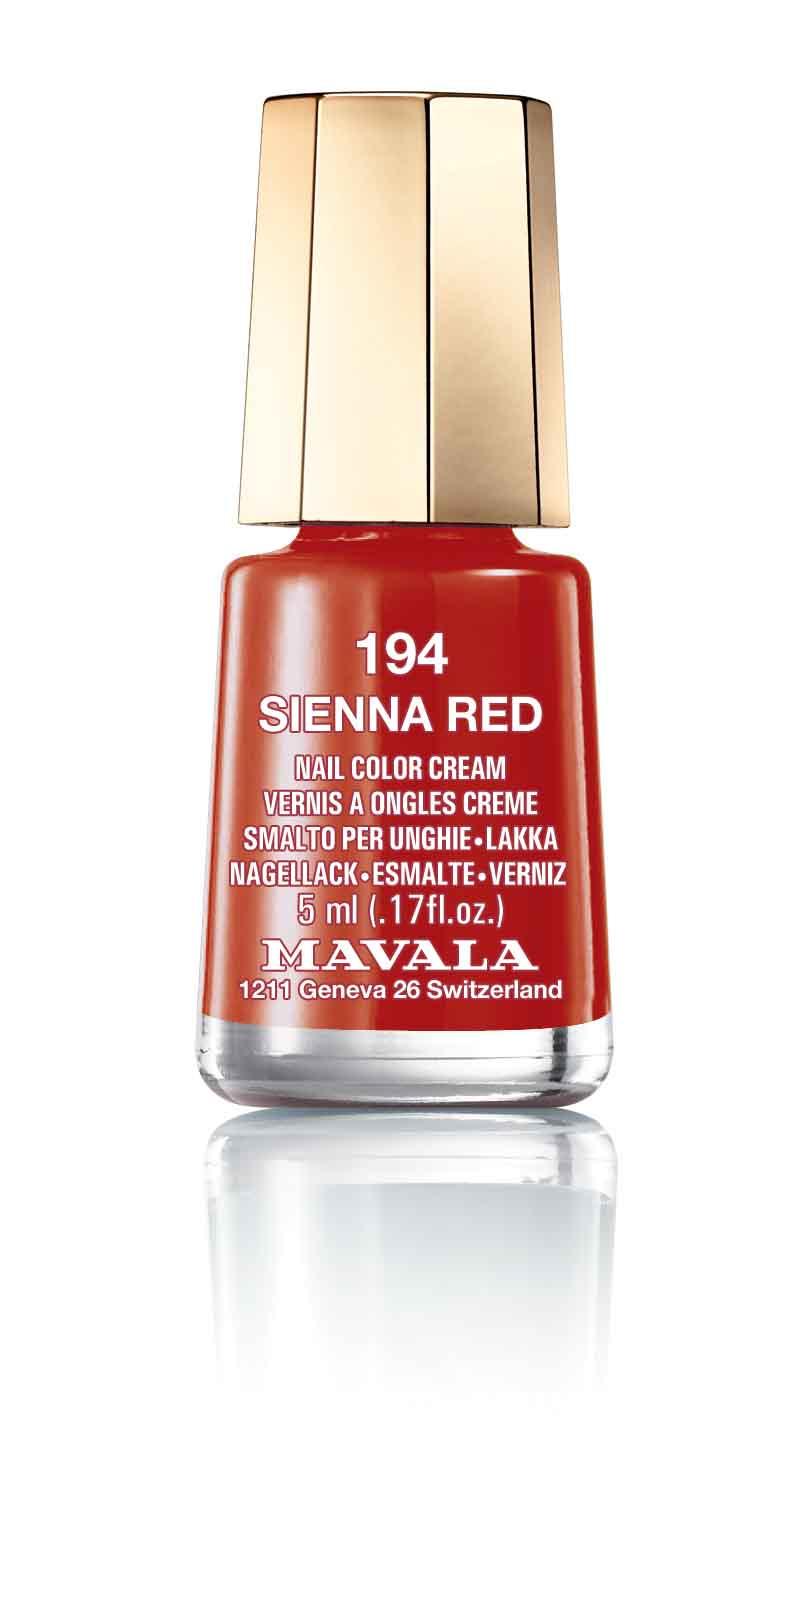 194 SIENNA RED